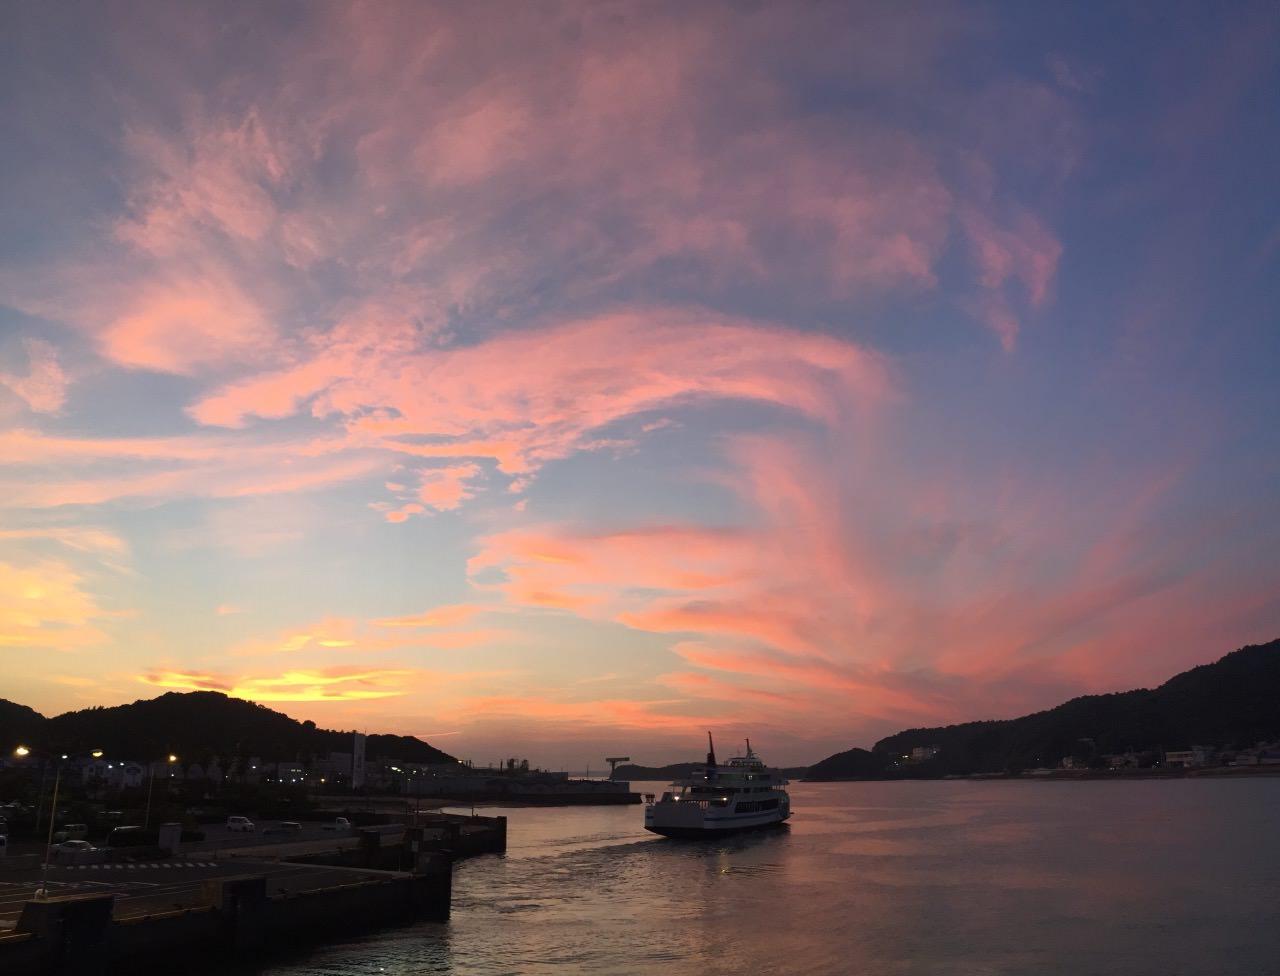 小豆島土庄港夕陽,真系夕陽無限好,只是近黃昏